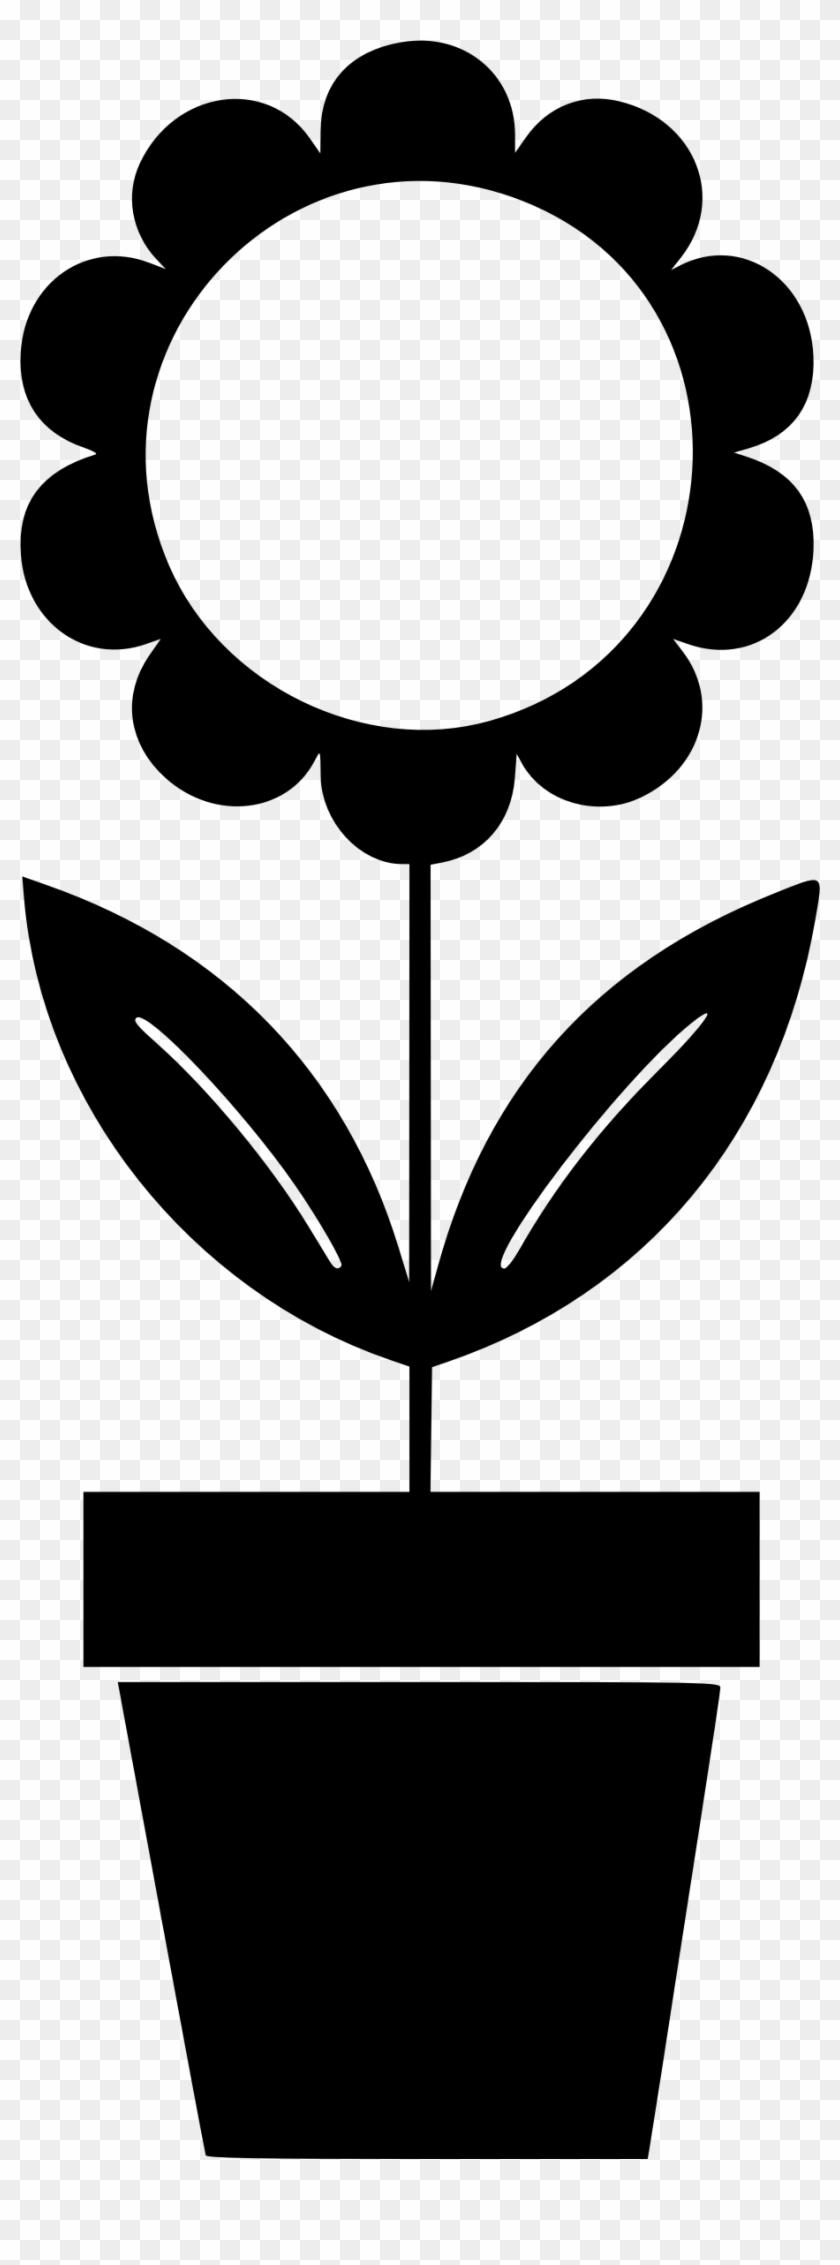 Flowerpot Houseplant Clip Art - Potted Plant Clip Art #316125